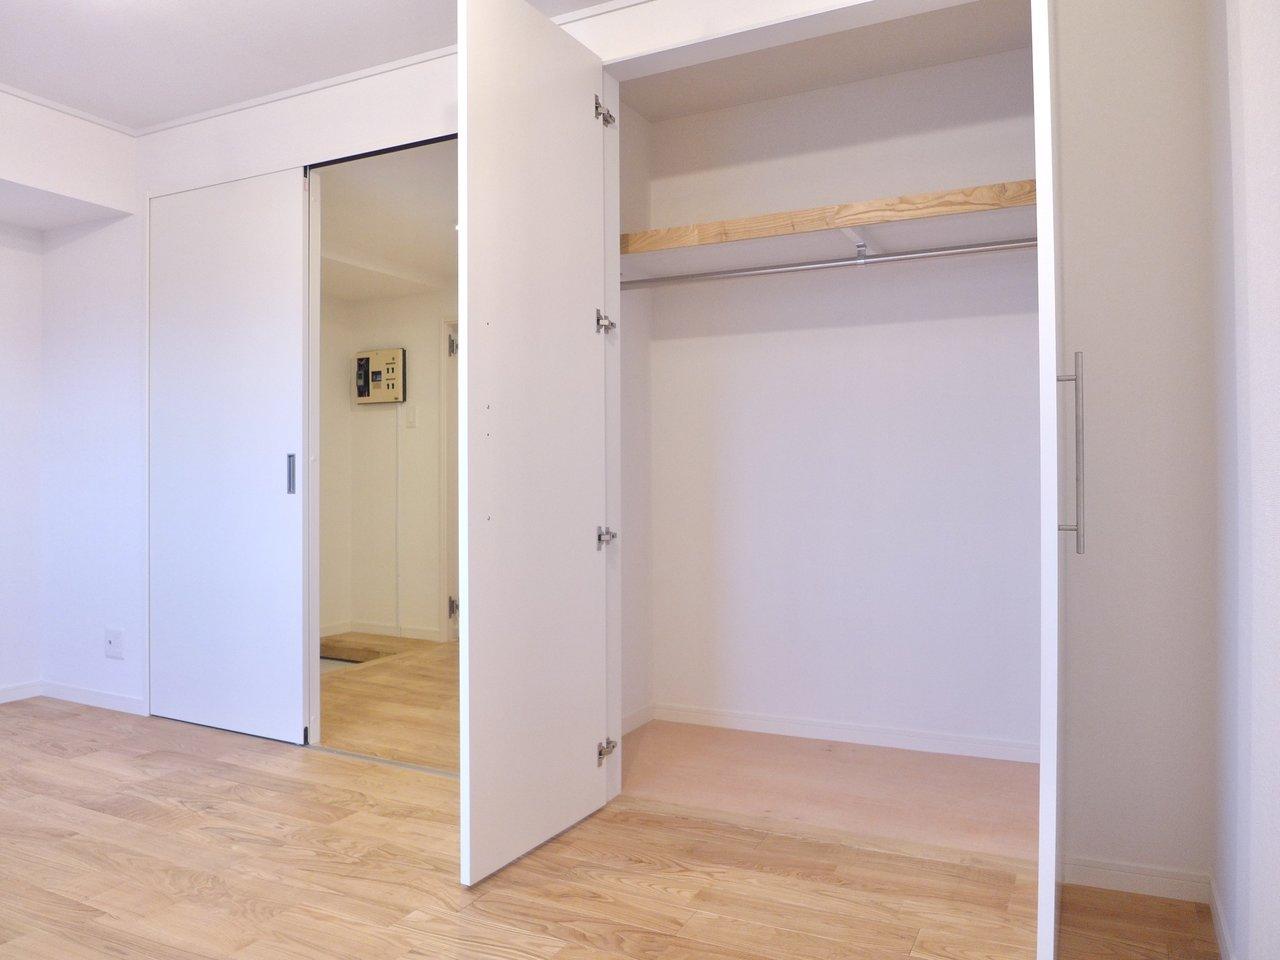 もう一つの洋室は6.7畳。奥行きも高さもあるクローゼットもありました。こちらは寝室ですかね。二人暮らしでも、ファミリーでも。様々な暮らし方に対応できるお部屋です。